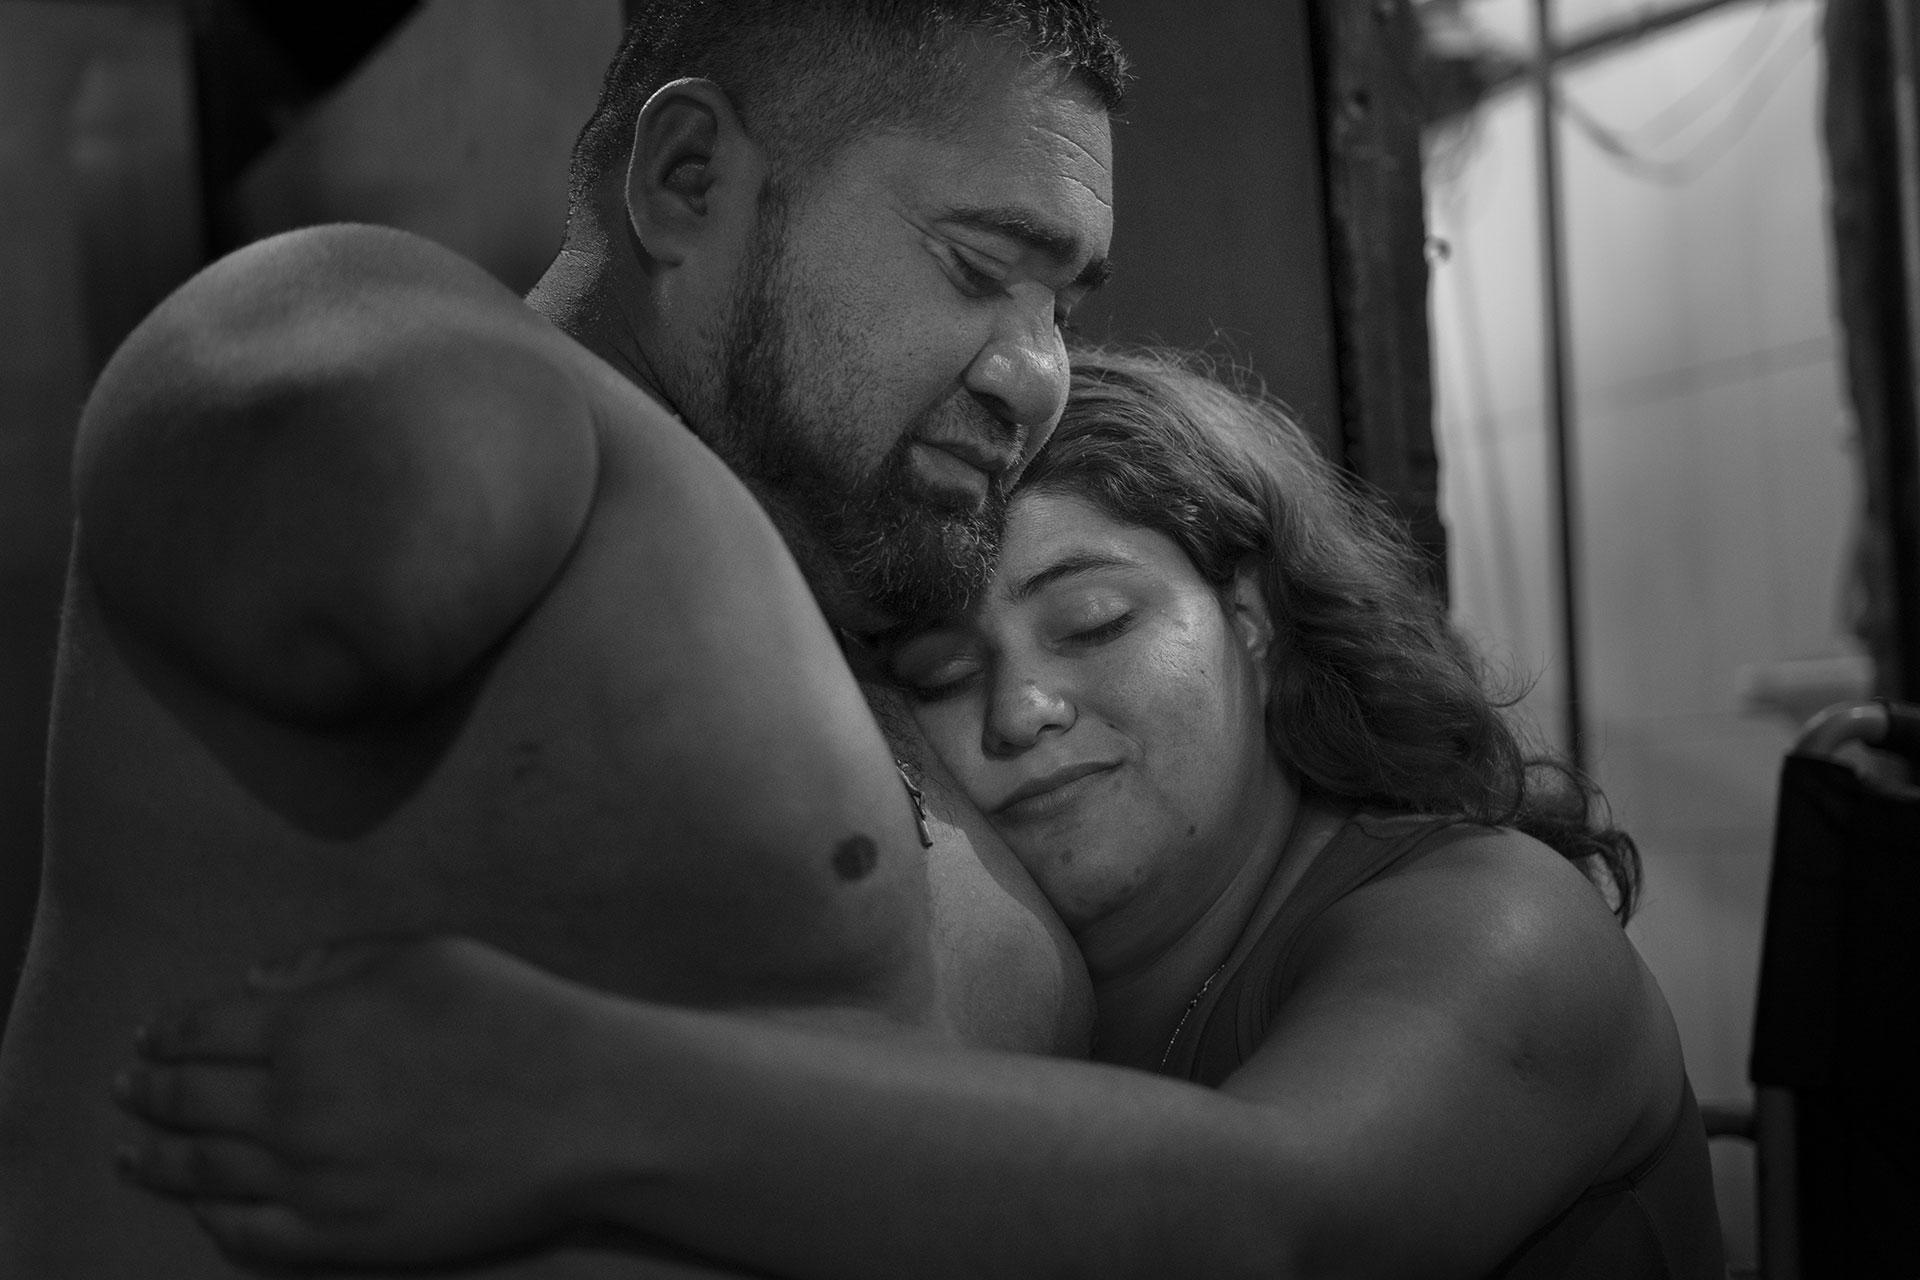 Jorge y Vero se eligen todos los días. Su vínculo de amor y sostén les permite afrontar las dificultades y perseverar. Se sienten orgullosos de la familia que han construido y su deseo es poder brindarle a su hija un entorno con justicia e igualdad de oportunidades.